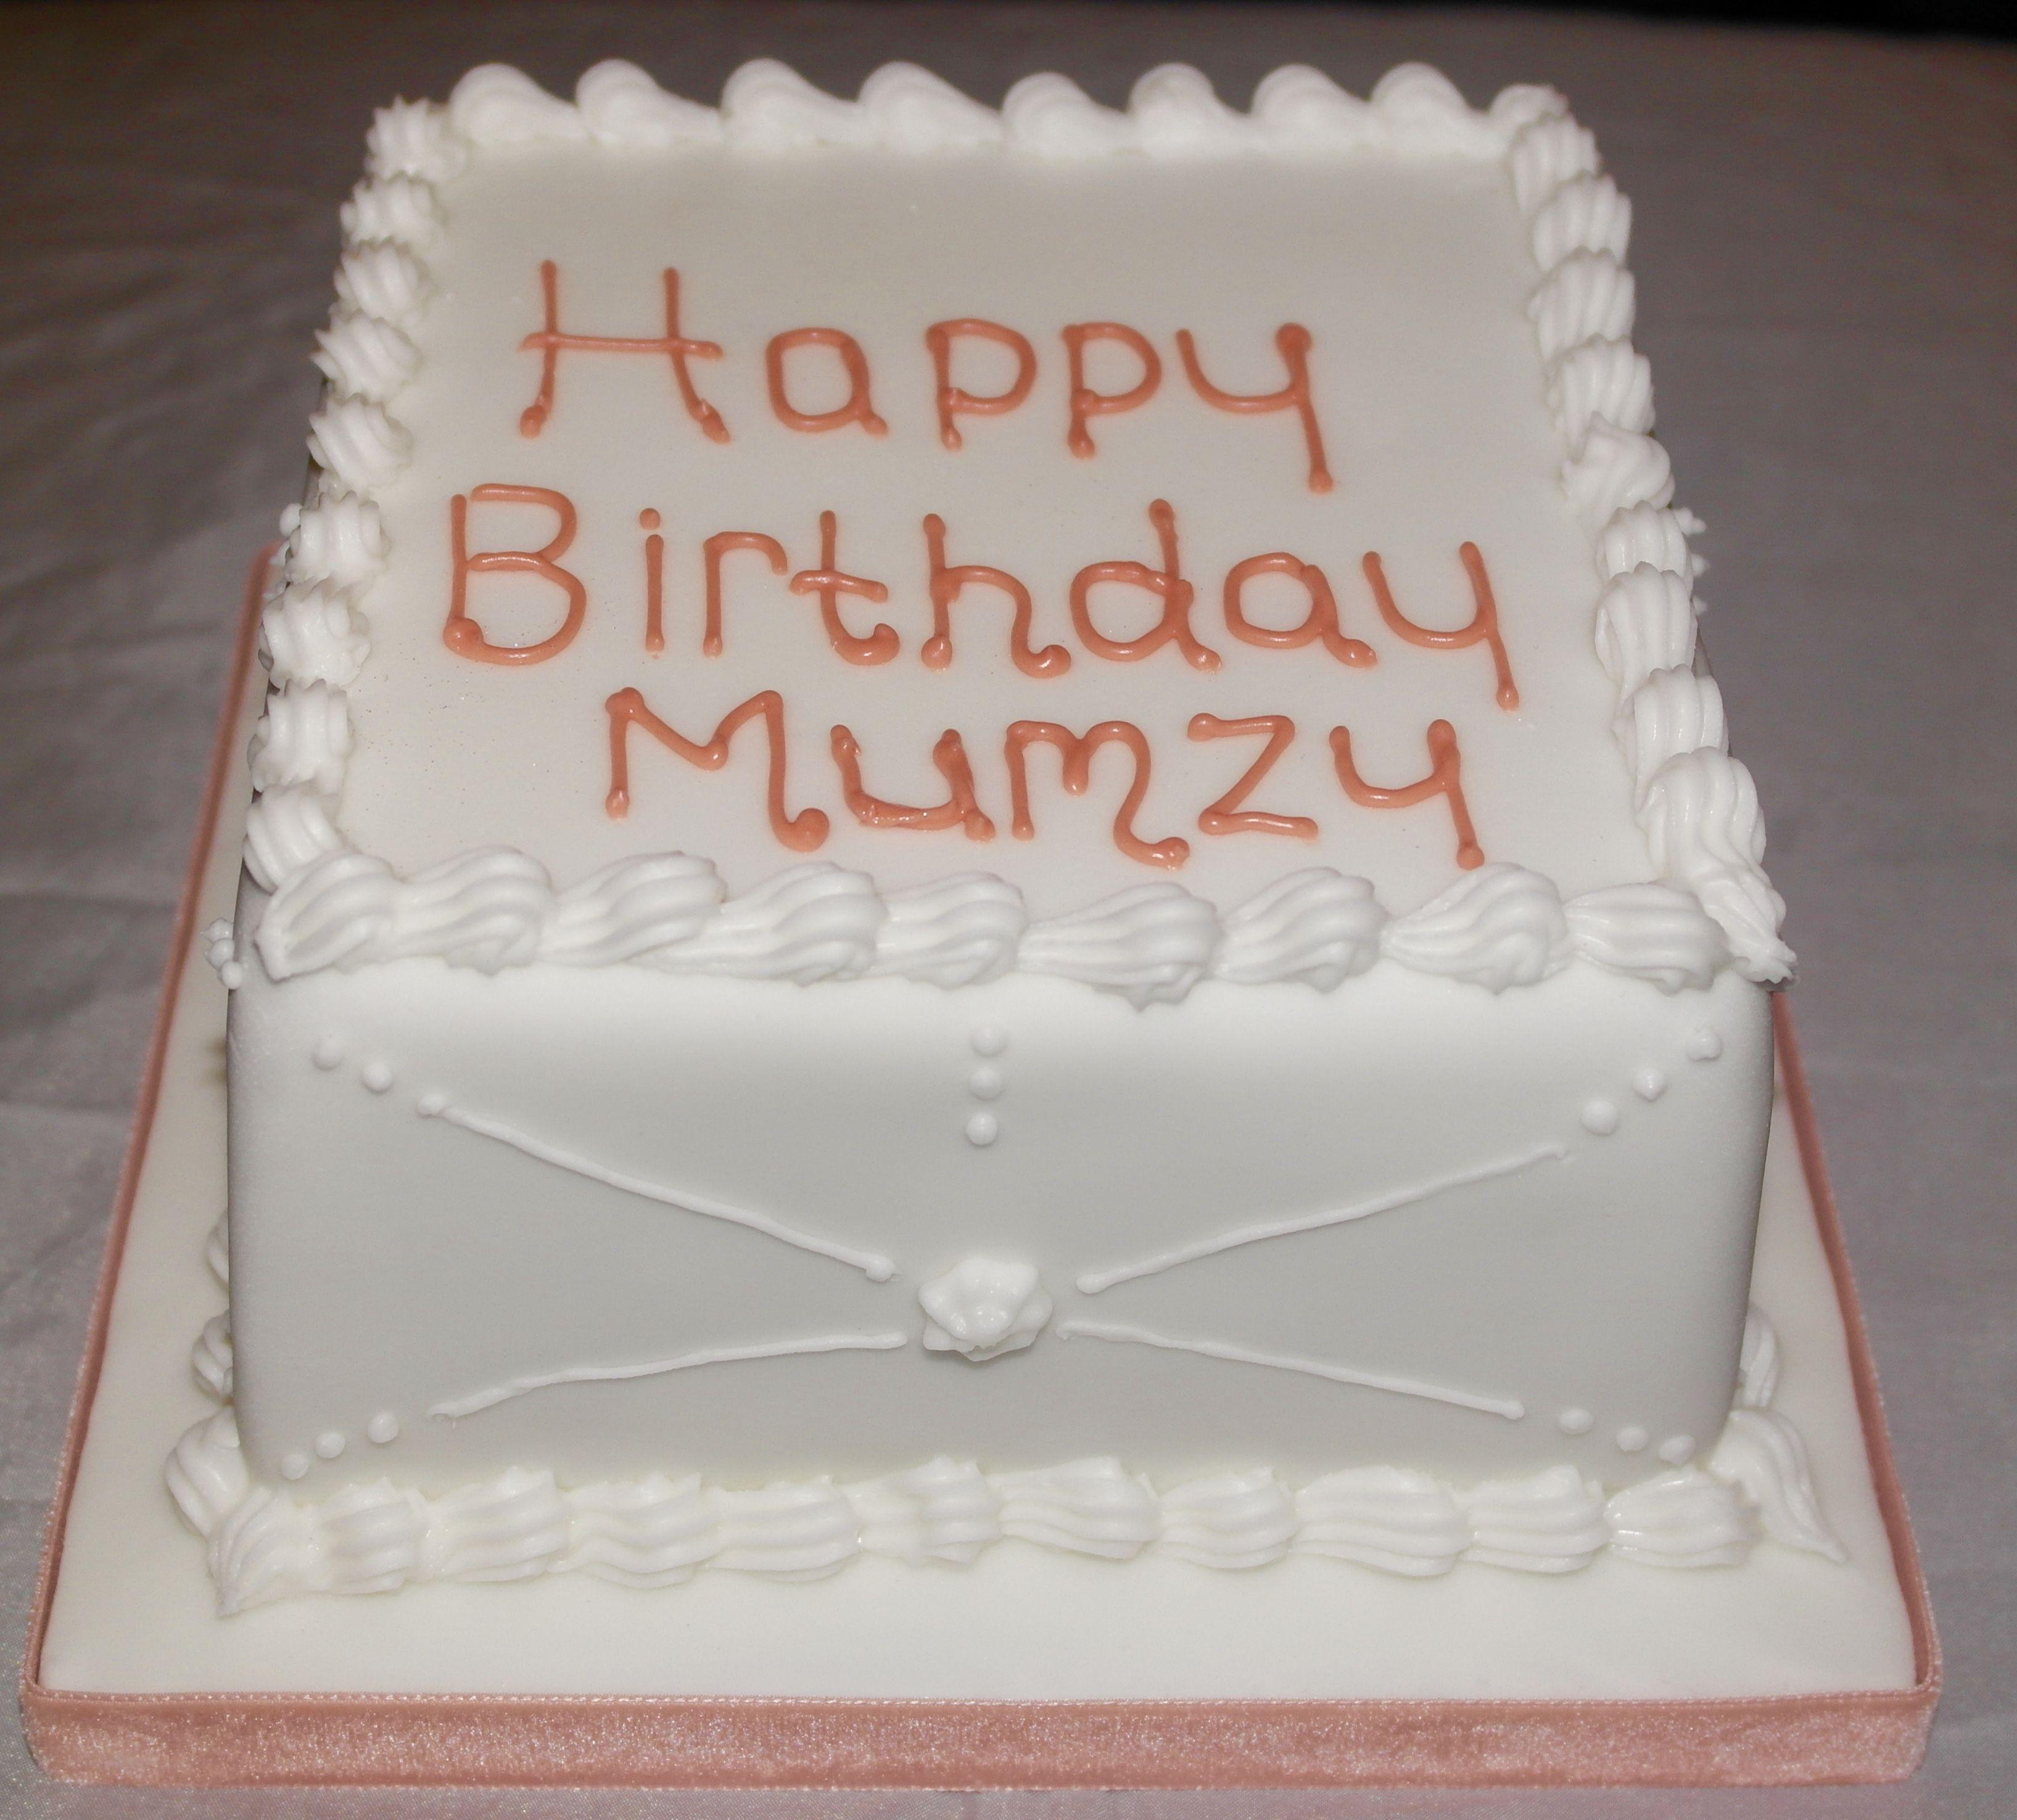 Birthday Cake For Mum Rum Cake With Royal Icing Finish Zainny